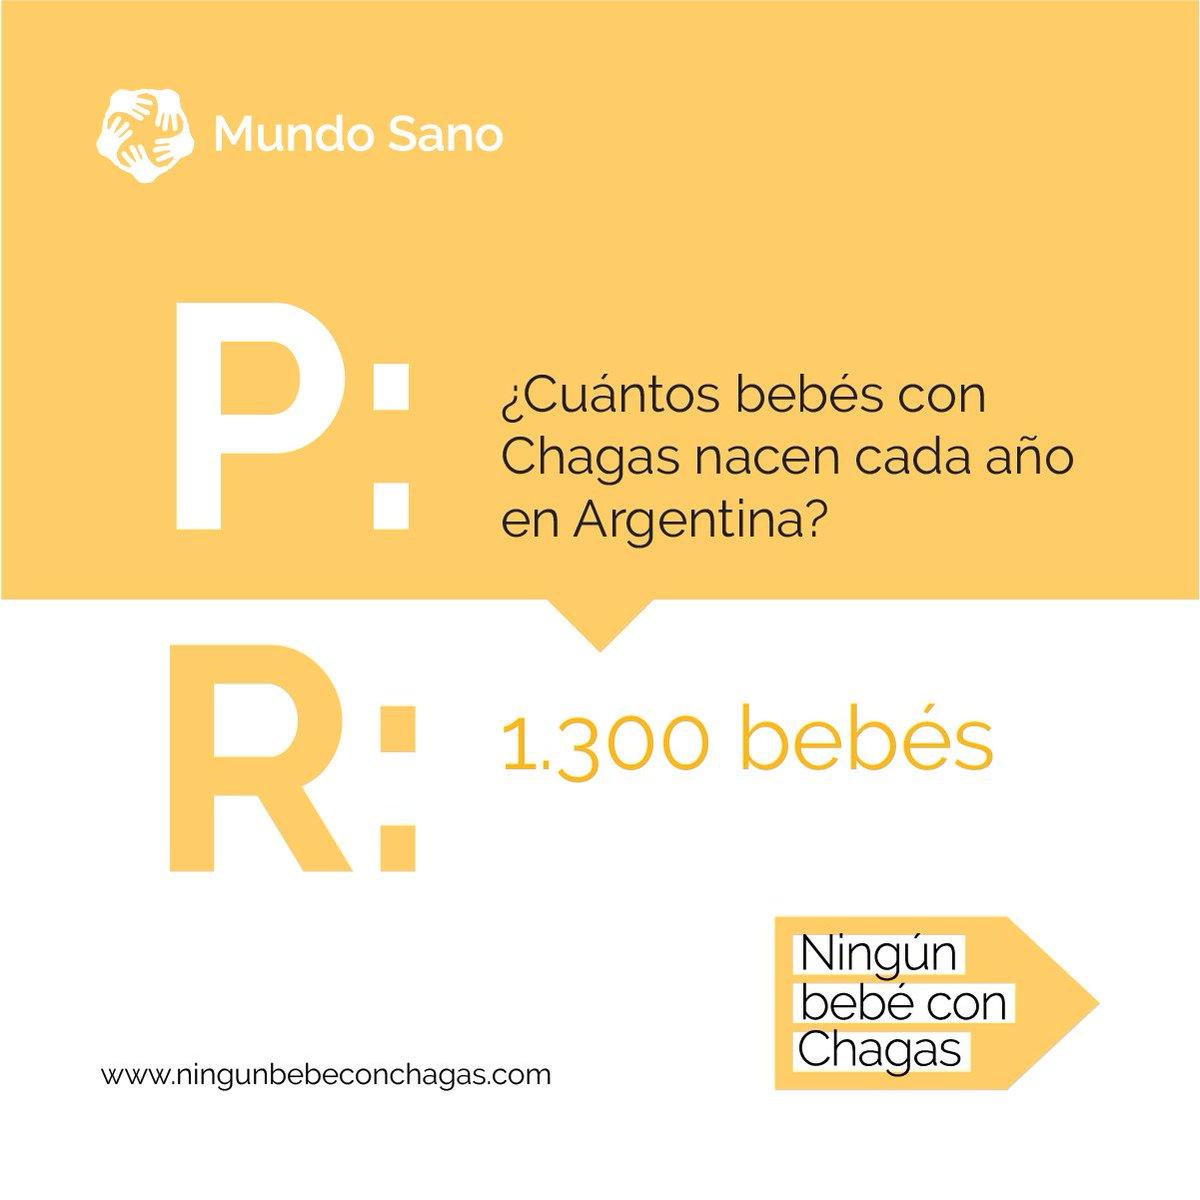 #NingúnBebéConChagas Con diagnóstico y tratamiento no sólo se puede controlar y prevenir la enfermedad de #Chagas, sino que se puede eliminar la transmisión materno infantil.  Adherí a nuestro compromiso en http://www.ningunbebeconchagas.com